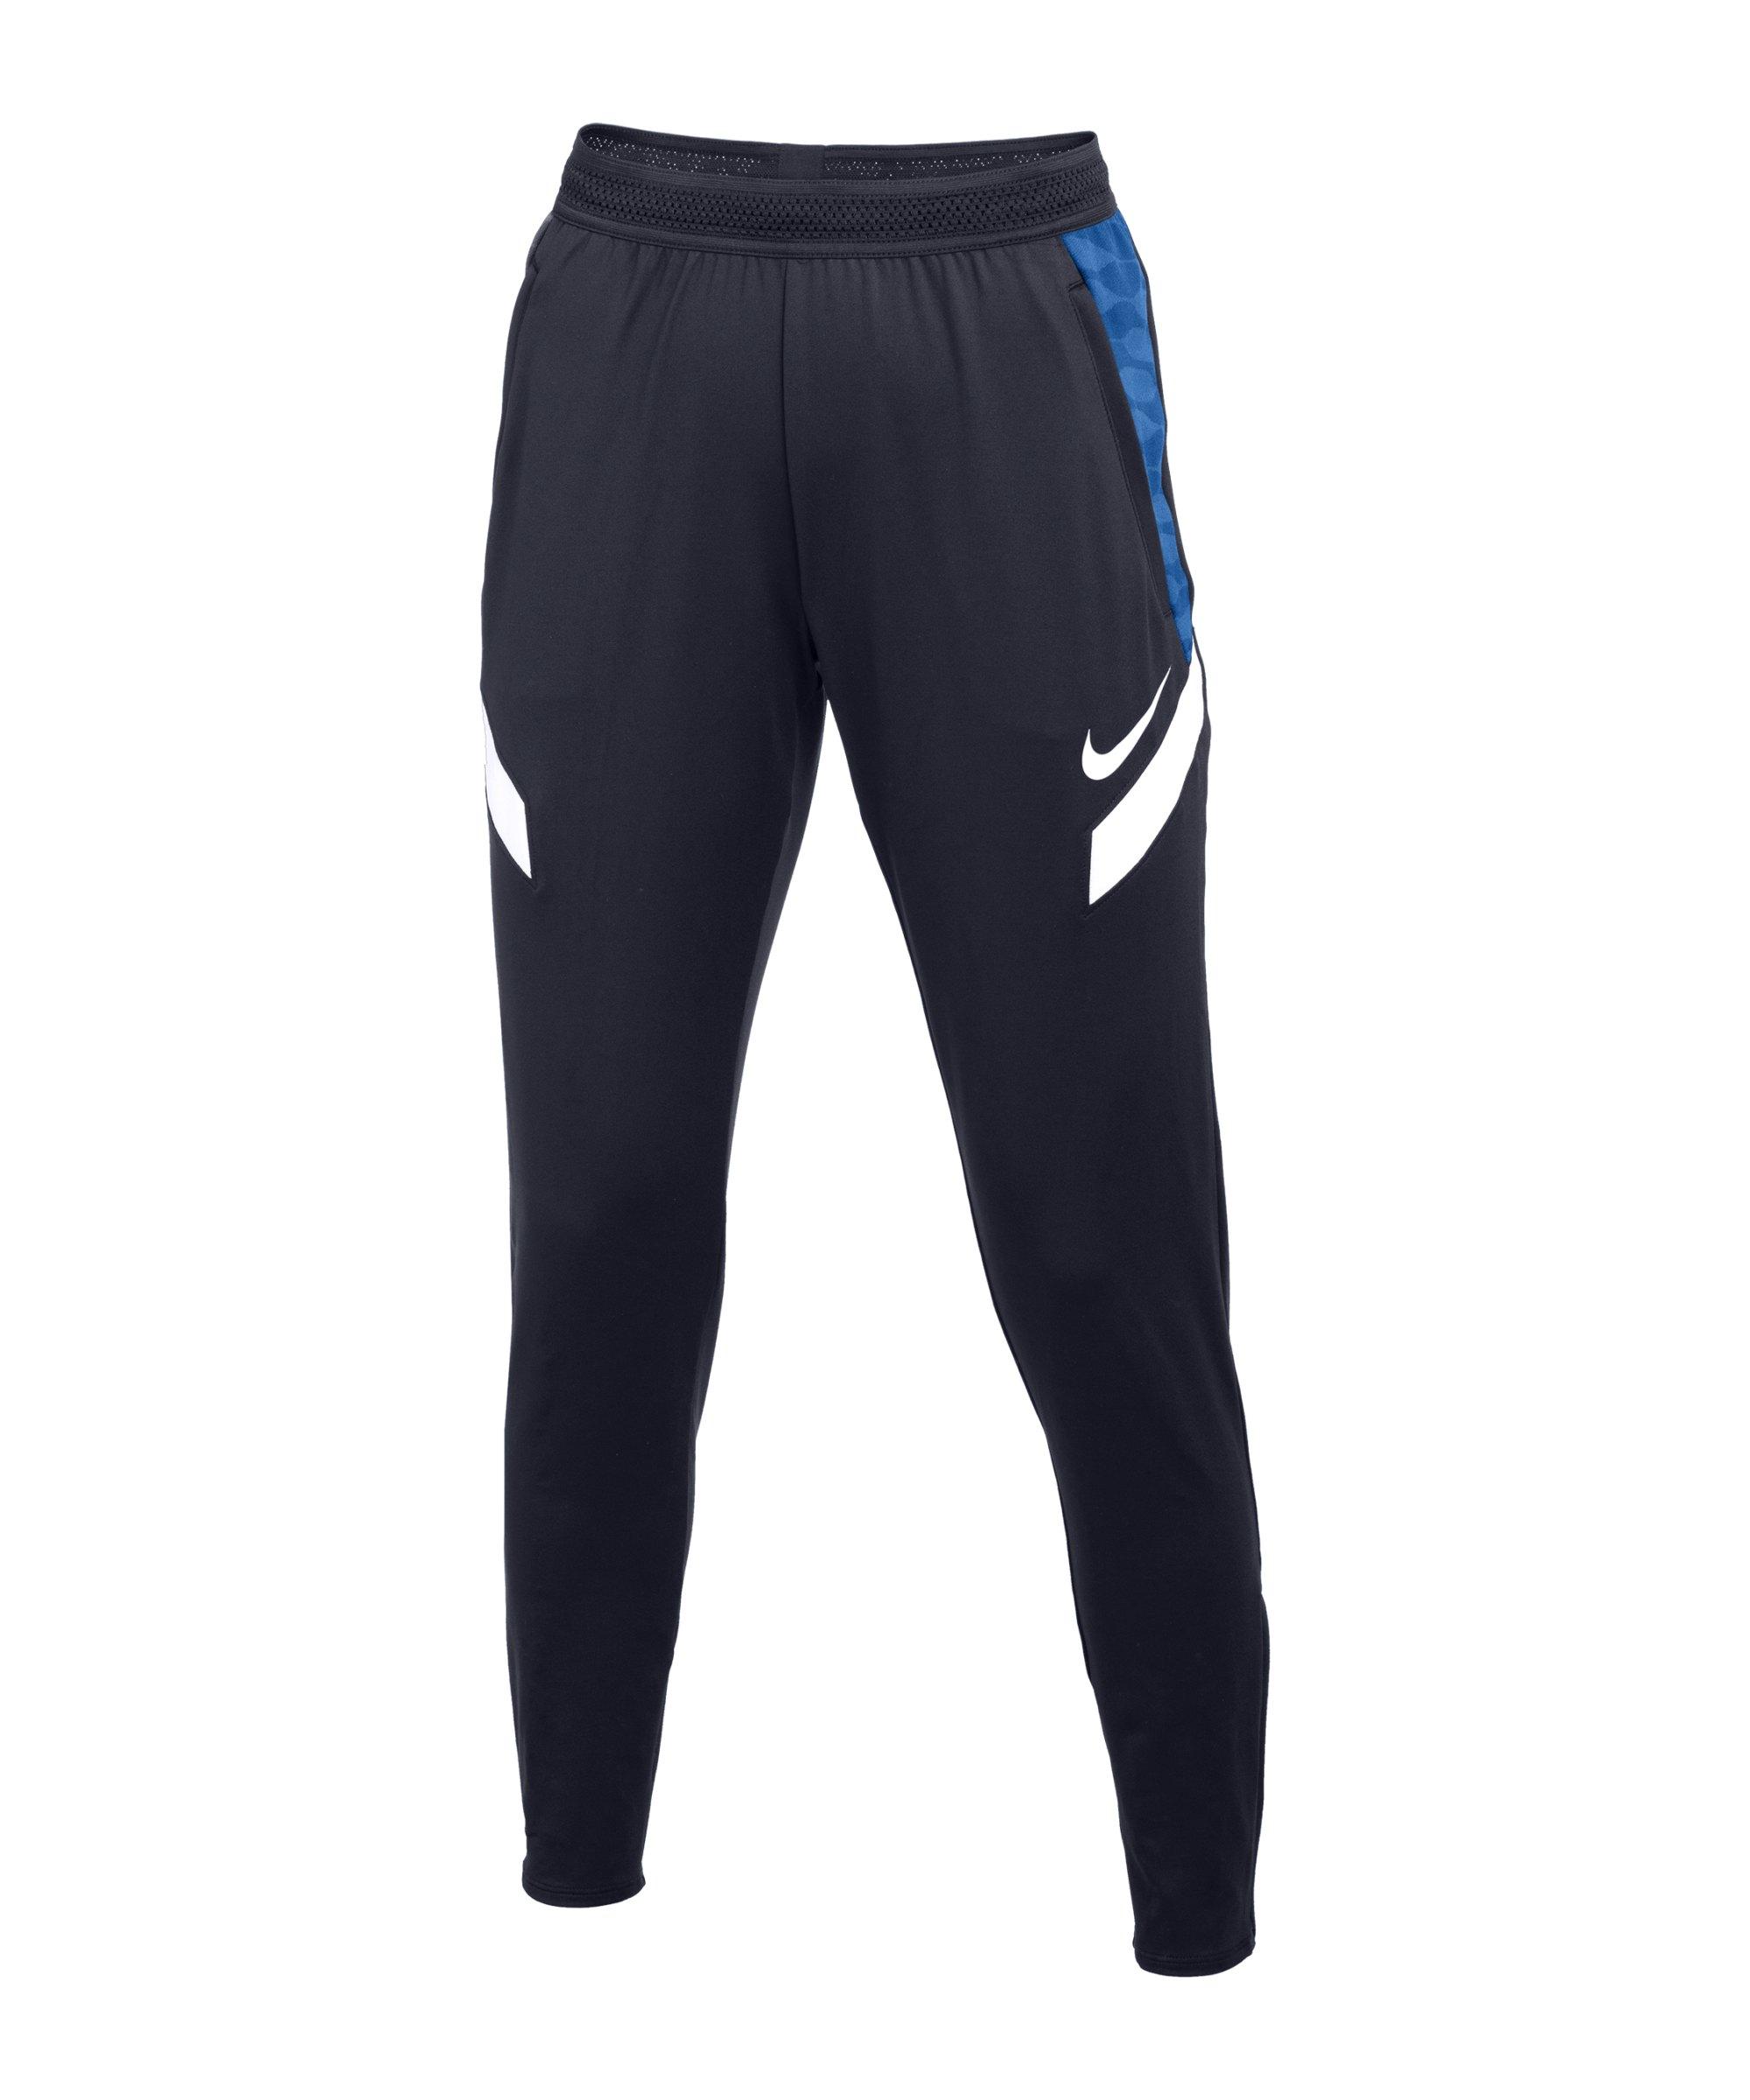 Nike Strike 21 Trainingshose Damen Blau Weiss F451 - blau